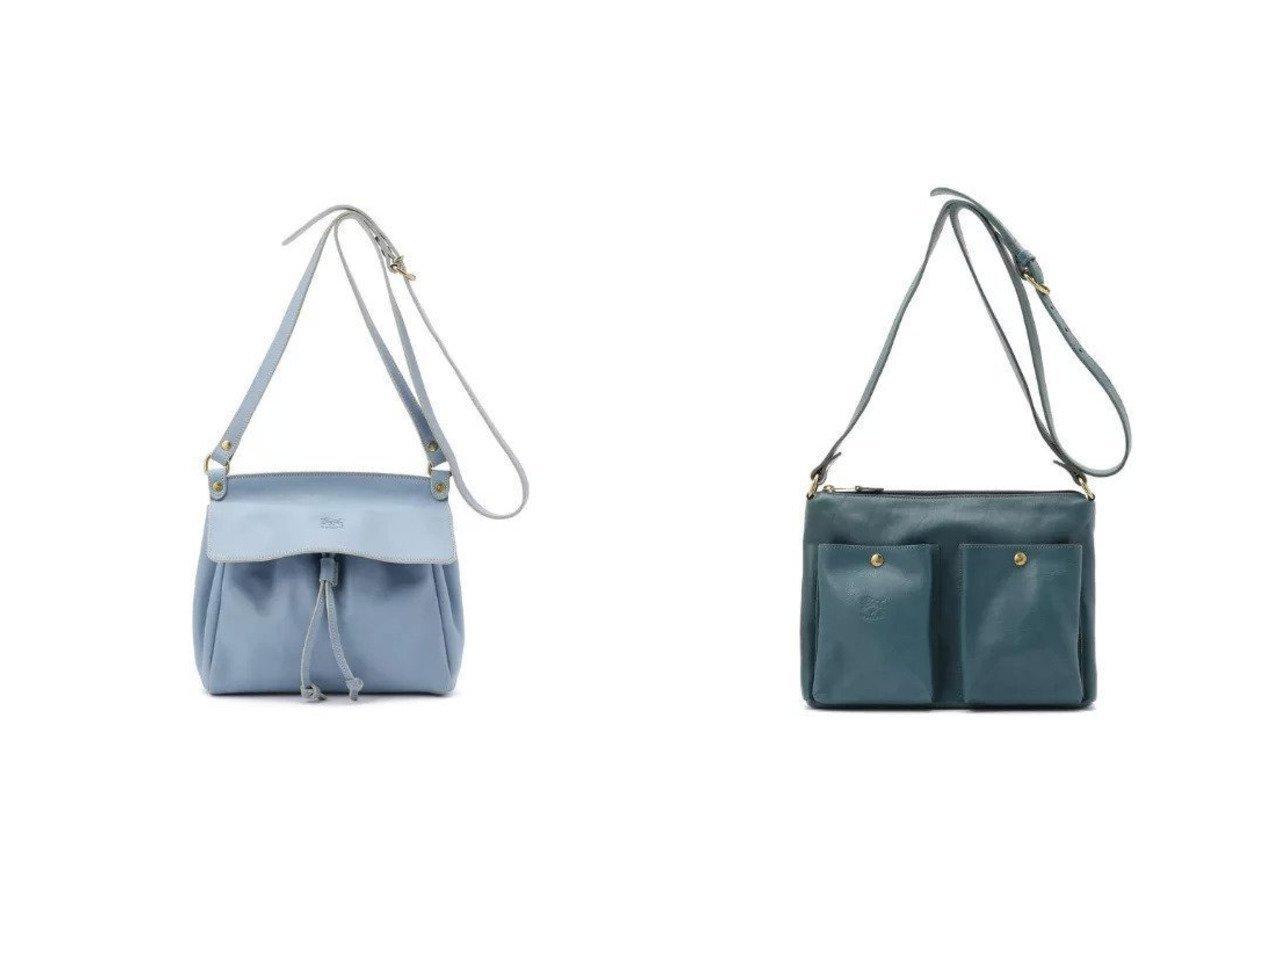 【IL BISONTE/イル ビゾンテ】のショルダーバッグ&ショルダーバッグ 【バッグ・鞄】おすすめ!人気、トレンド・レディースファッションの通販 おすすめで人気の流行・トレンド、ファッションの通販商品 インテリア・家具・メンズファッション・キッズファッション・レディースファッション・服の通販 founy(ファニー) https://founy.com/ ファッション Fashion レディースファッション WOMEN バッグ Bag フラップ ワンポイント スクエア フォルム フロント ポケット |ID:crp329100000067738